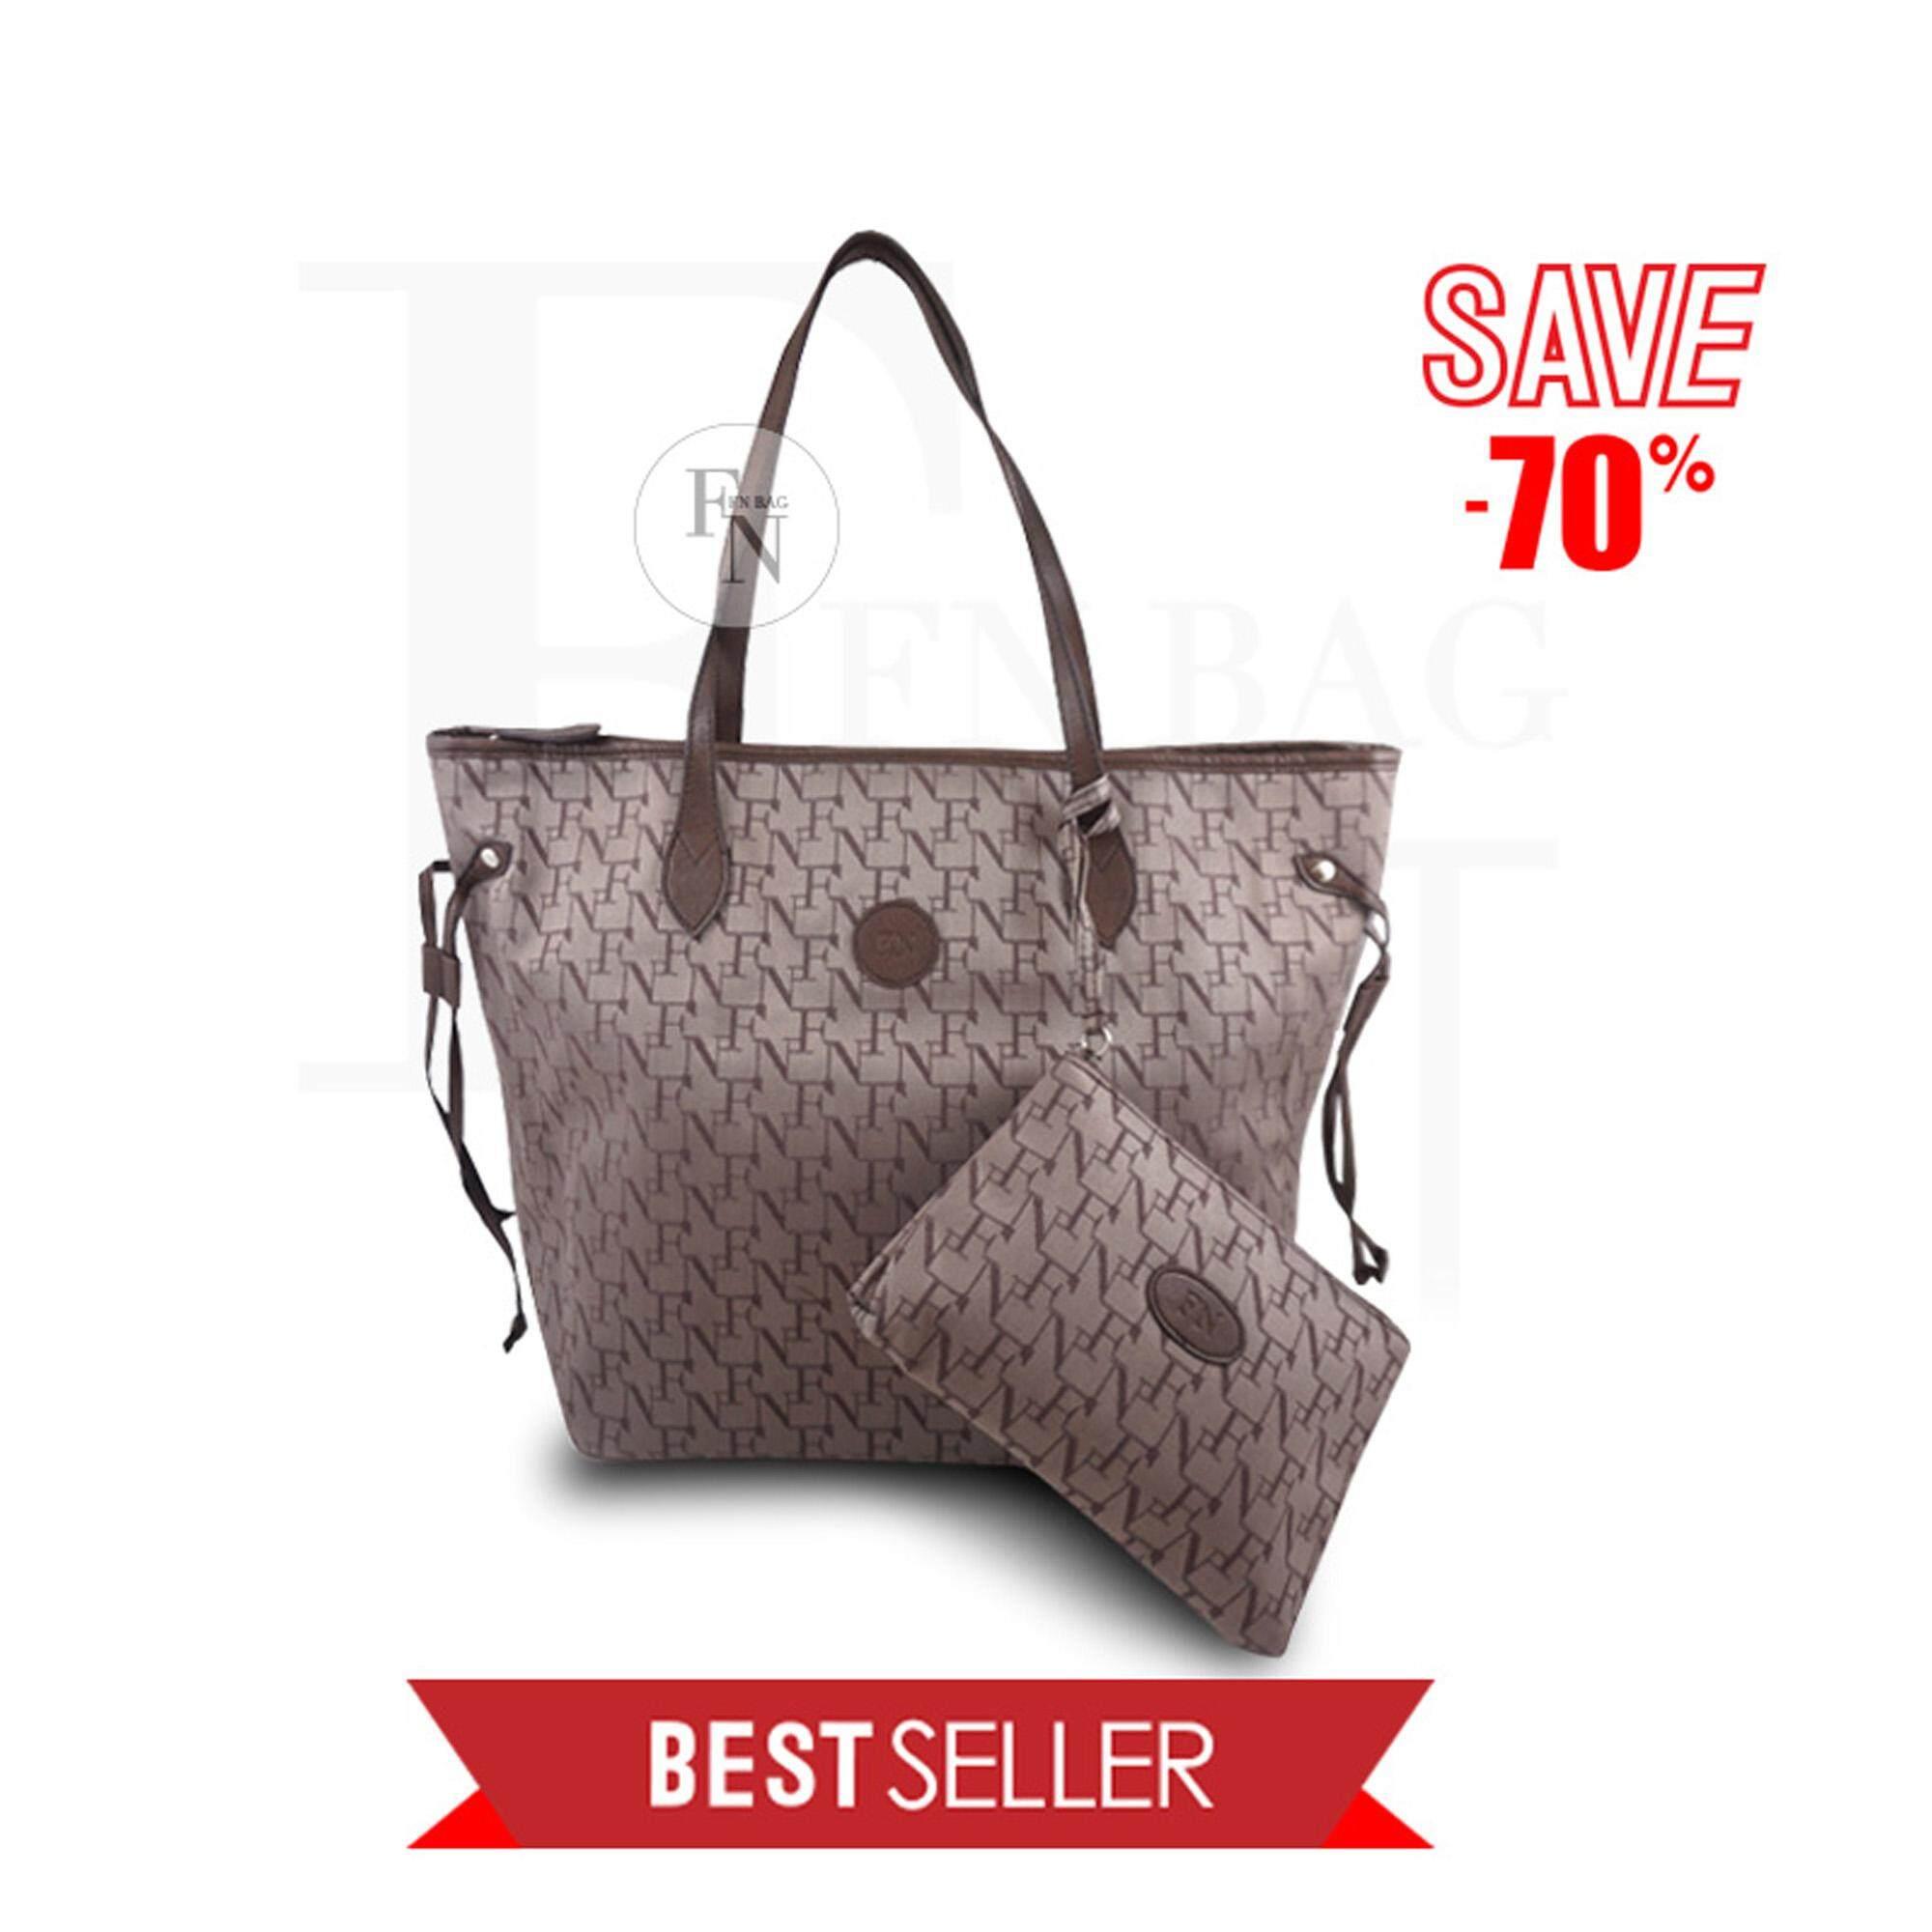 ซื้อ Fn Bag กระเป๋าTote Bag 1208 30003 003 Col Chocolate Flynow